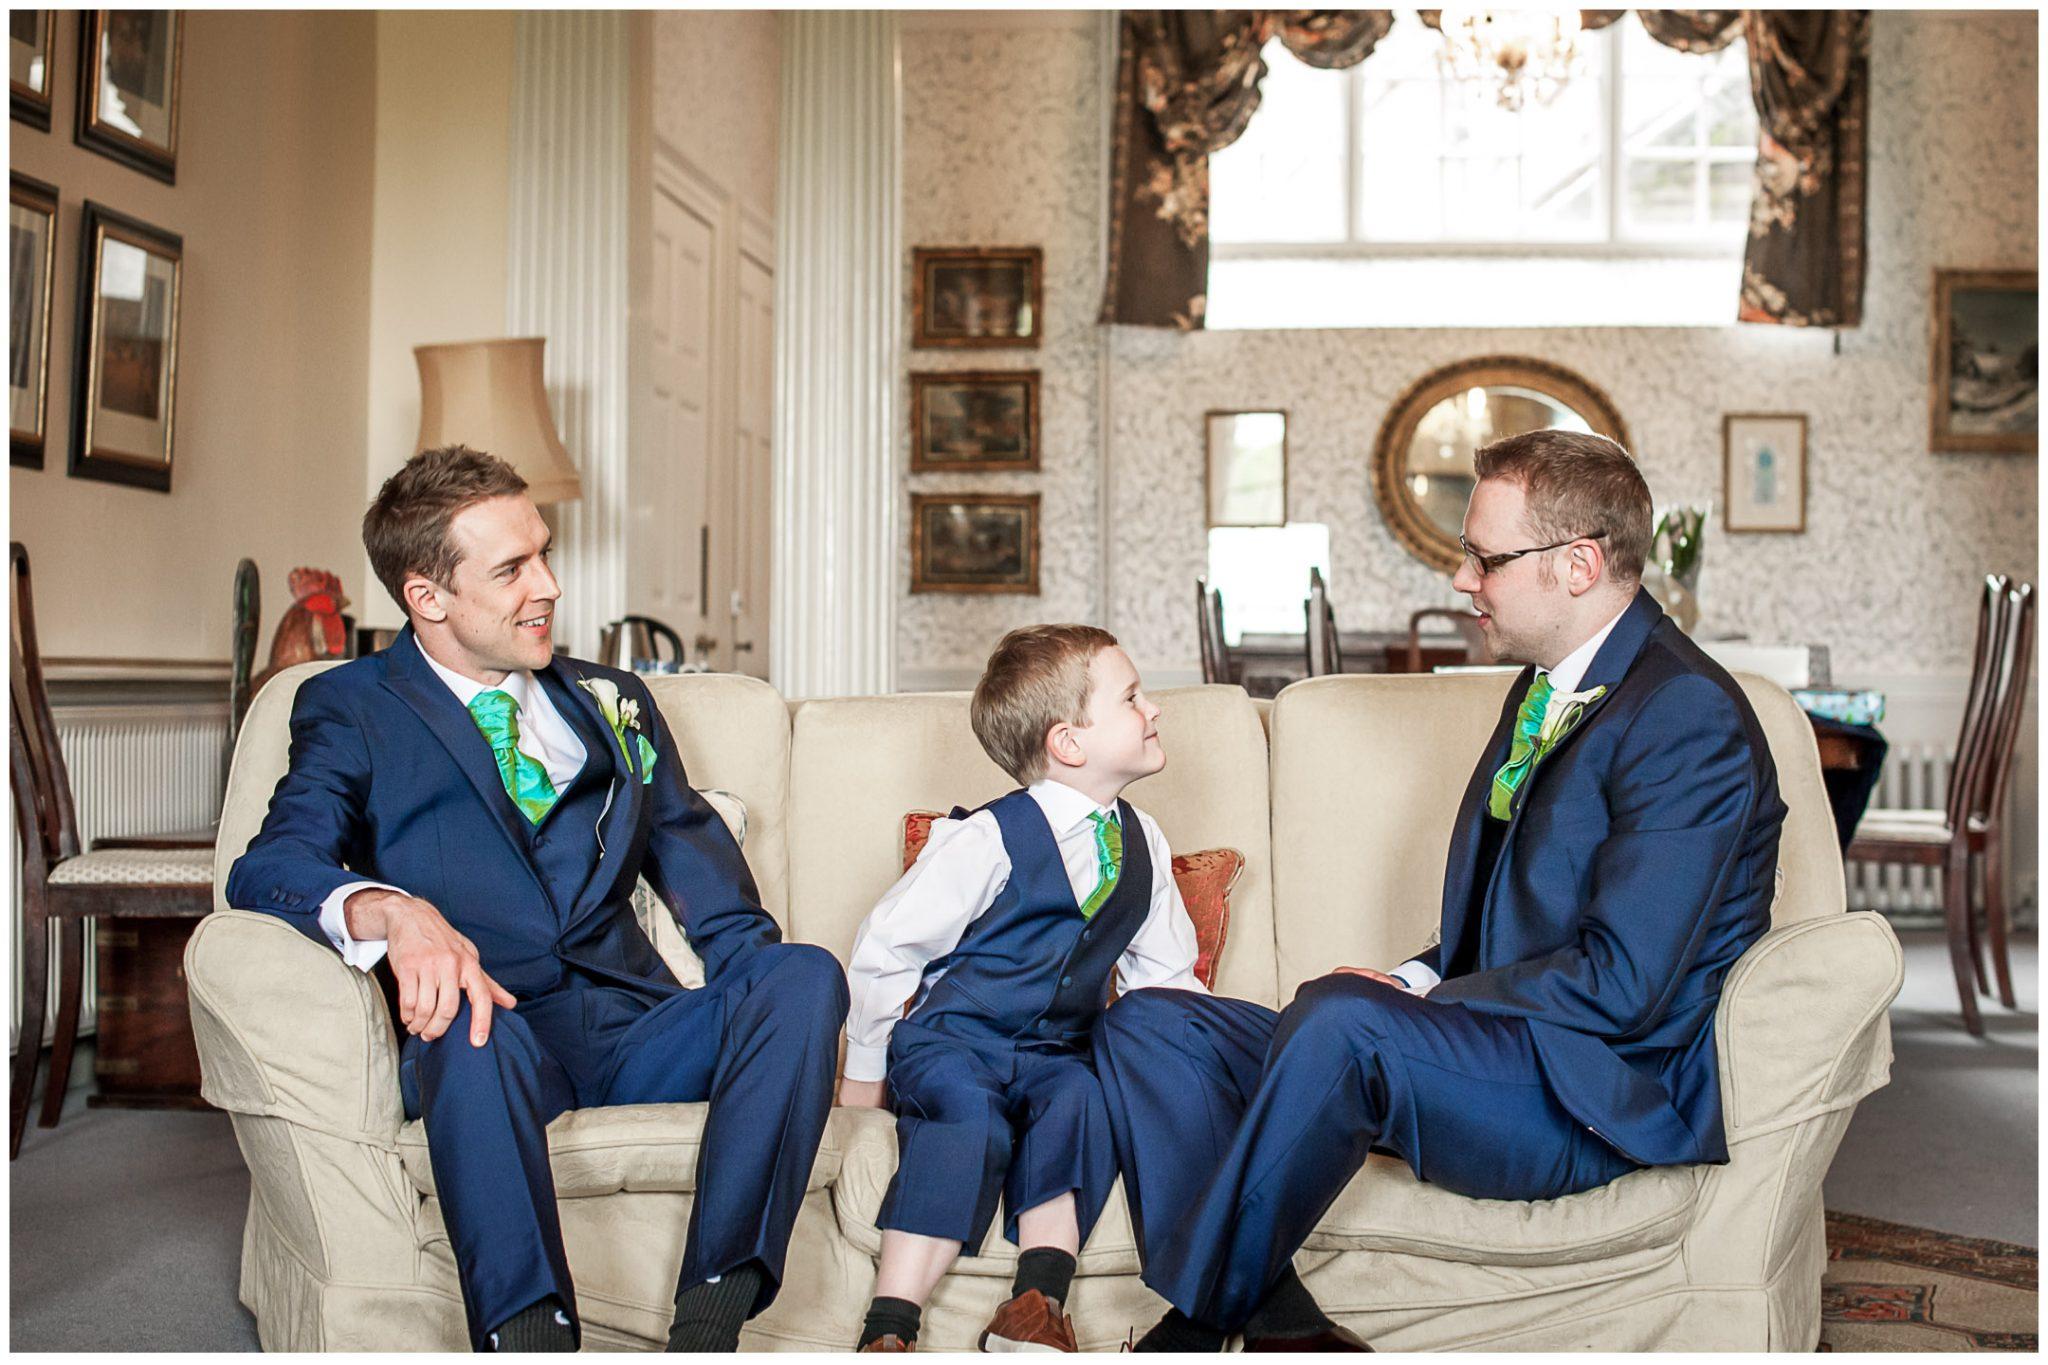 Avington Park wedding photography groom with best man